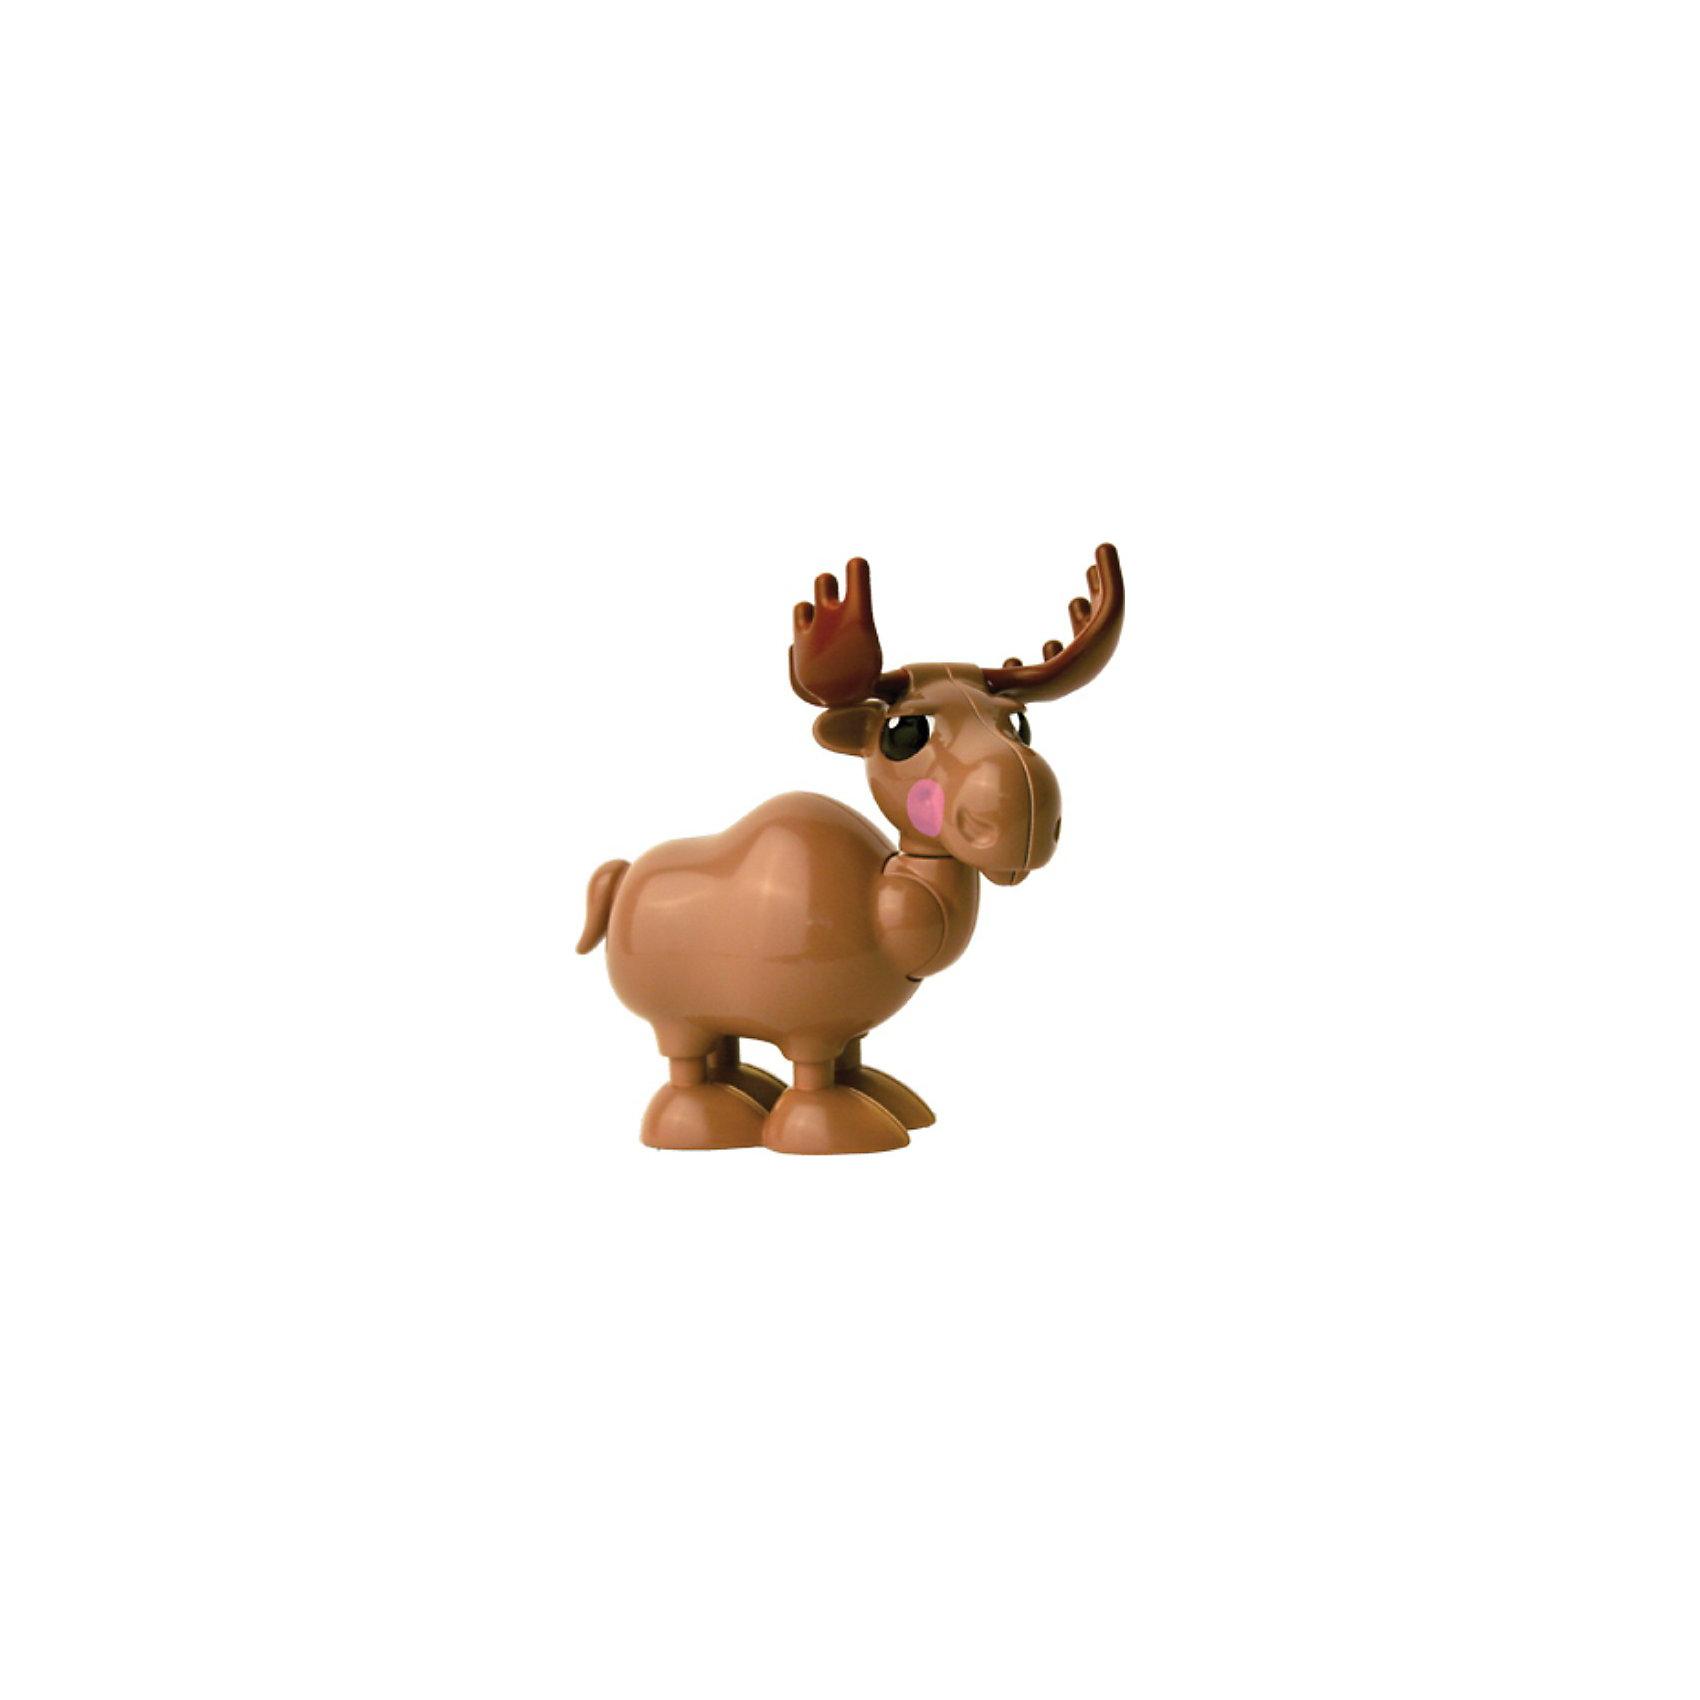 Фигурка Лось, Первые друзья, TOLOФигурка Лось, Первые друзья, TOLO (ТОЛО) – эта яркая красочная игрушка привлечет внимание Вашего малыша и не позволит ему скучать.<br>Лось с красивыми рогами станет верный другом вашего ребенка. С веселым пощелкиванием у фигурки Лося поворачиваются голова и хвост, а в задних лапках-подставке спрятана забавная пищалка. Фигурка может принимать различные положения. Игрушка способствует развитию координации движений, моторики, распознаванию цветов и звуков, знакомит ребенка с животными. <br>Игрушки Толо производятся из пластика самого высокого качества и гипоаллергенных красителей. Они абсолютно безопасны для малышей, не бьются, не ломаются, крепкие и прочные.<br><br>Дополнительная информация:<br><br>- Размер: 12 х 5 см.<br>- Материал: высококачественный пластик<br><br>Фигурка Лось, Первые друзья, TOLO (ТОЛО) - обязательно понравится Вашему малышу.<br><br>Фигурку Лось, Первые друзья, TOLO (ТОЛО) можно купить в нашем интернет-магазине.<br><br>Ширина мм: 70<br>Глубина мм: 60<br>Высота мм: 110<br>Вес г: 83<br>Возраст от месяцев: 12<br>Возраст до месяцев: 60<br>Пол: Унисекс<br>Возраст: Детский<br>SKU: 3688999